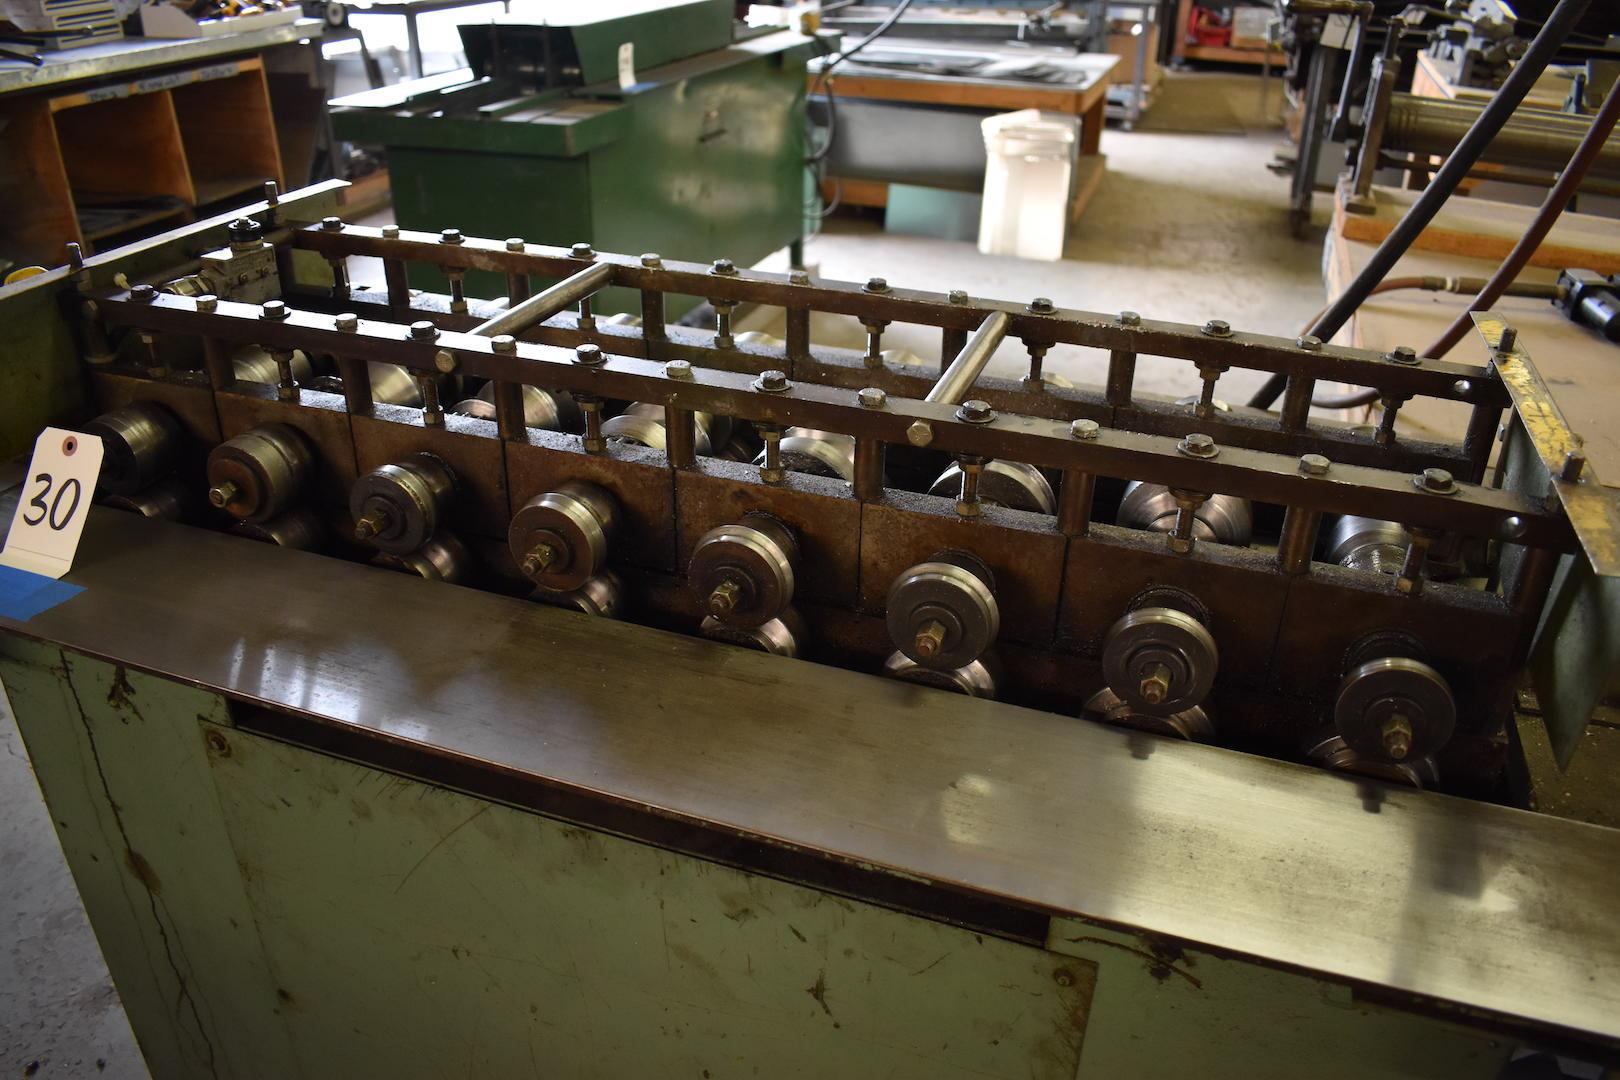 Lot 30 - Engel Model M-825 8-Roll Snap Lock Roll Former, S/N 749-86